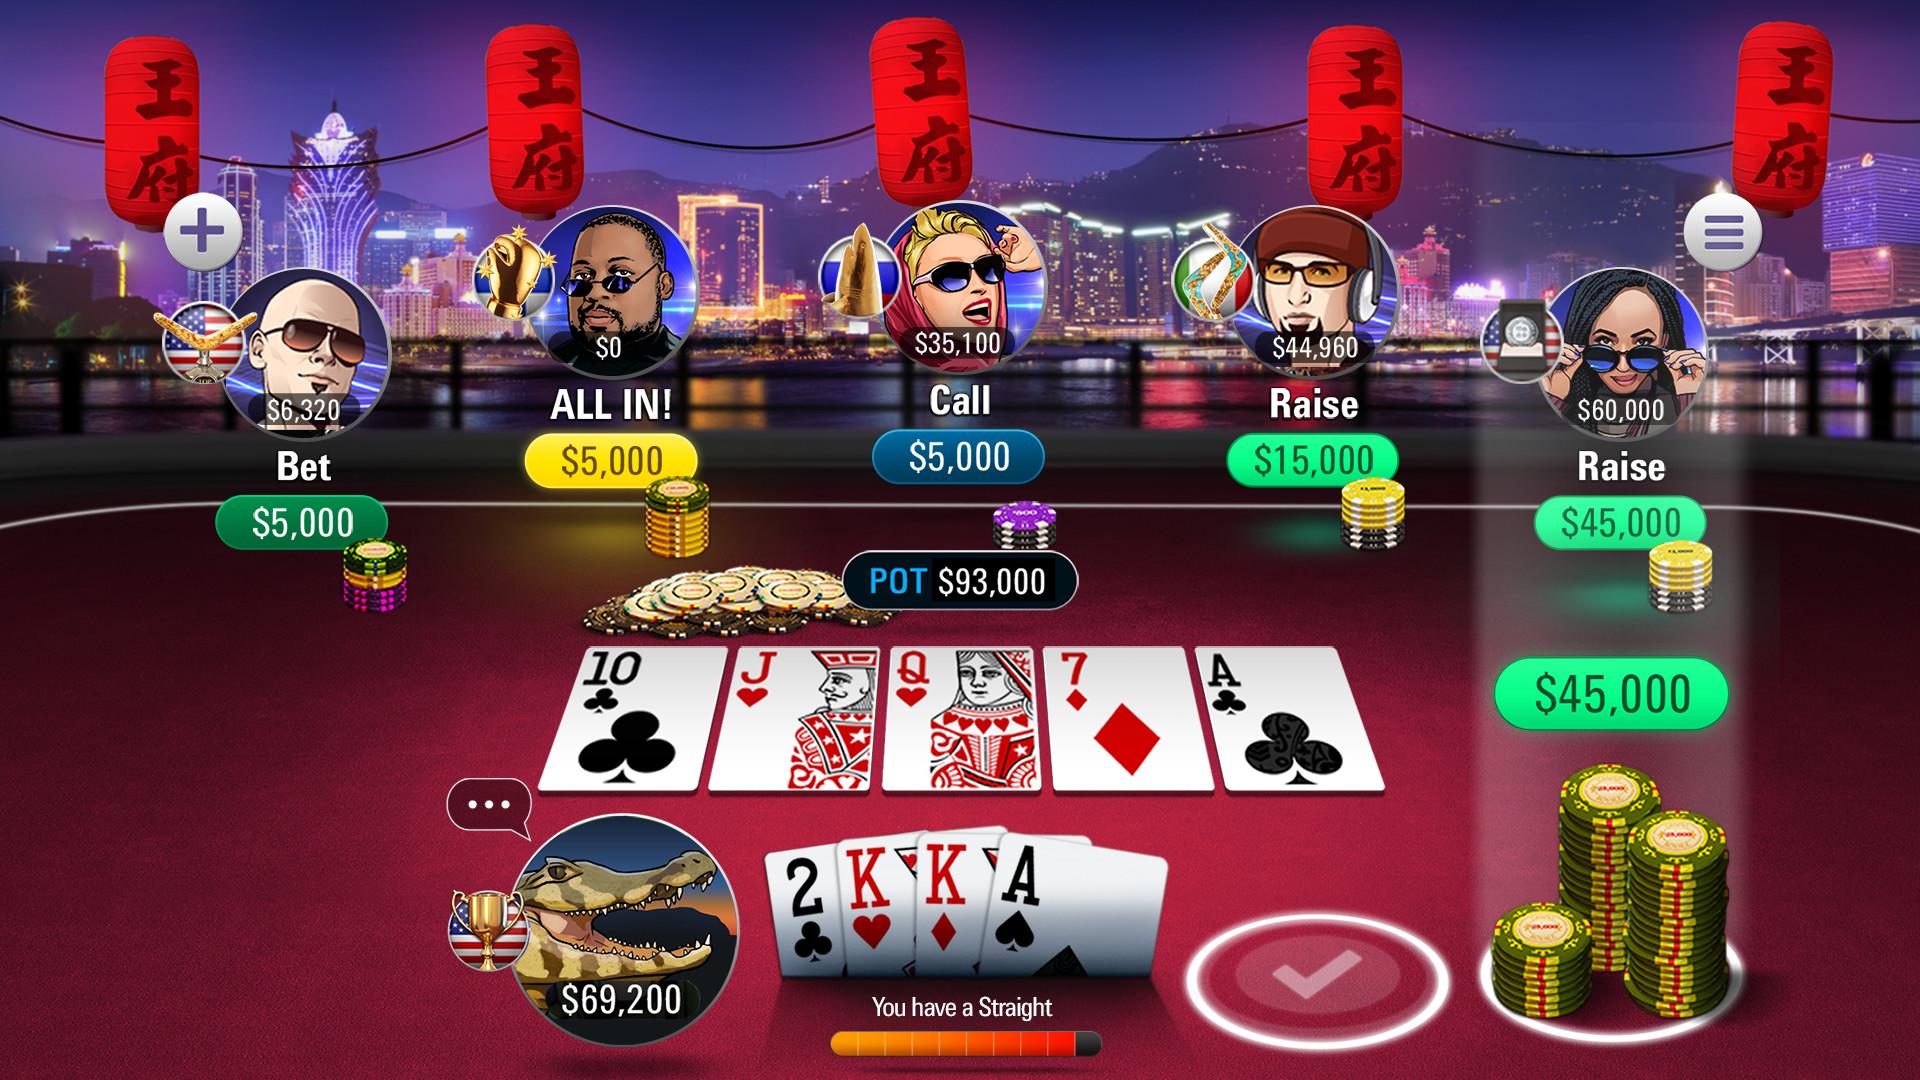 Poker All In Jackpot